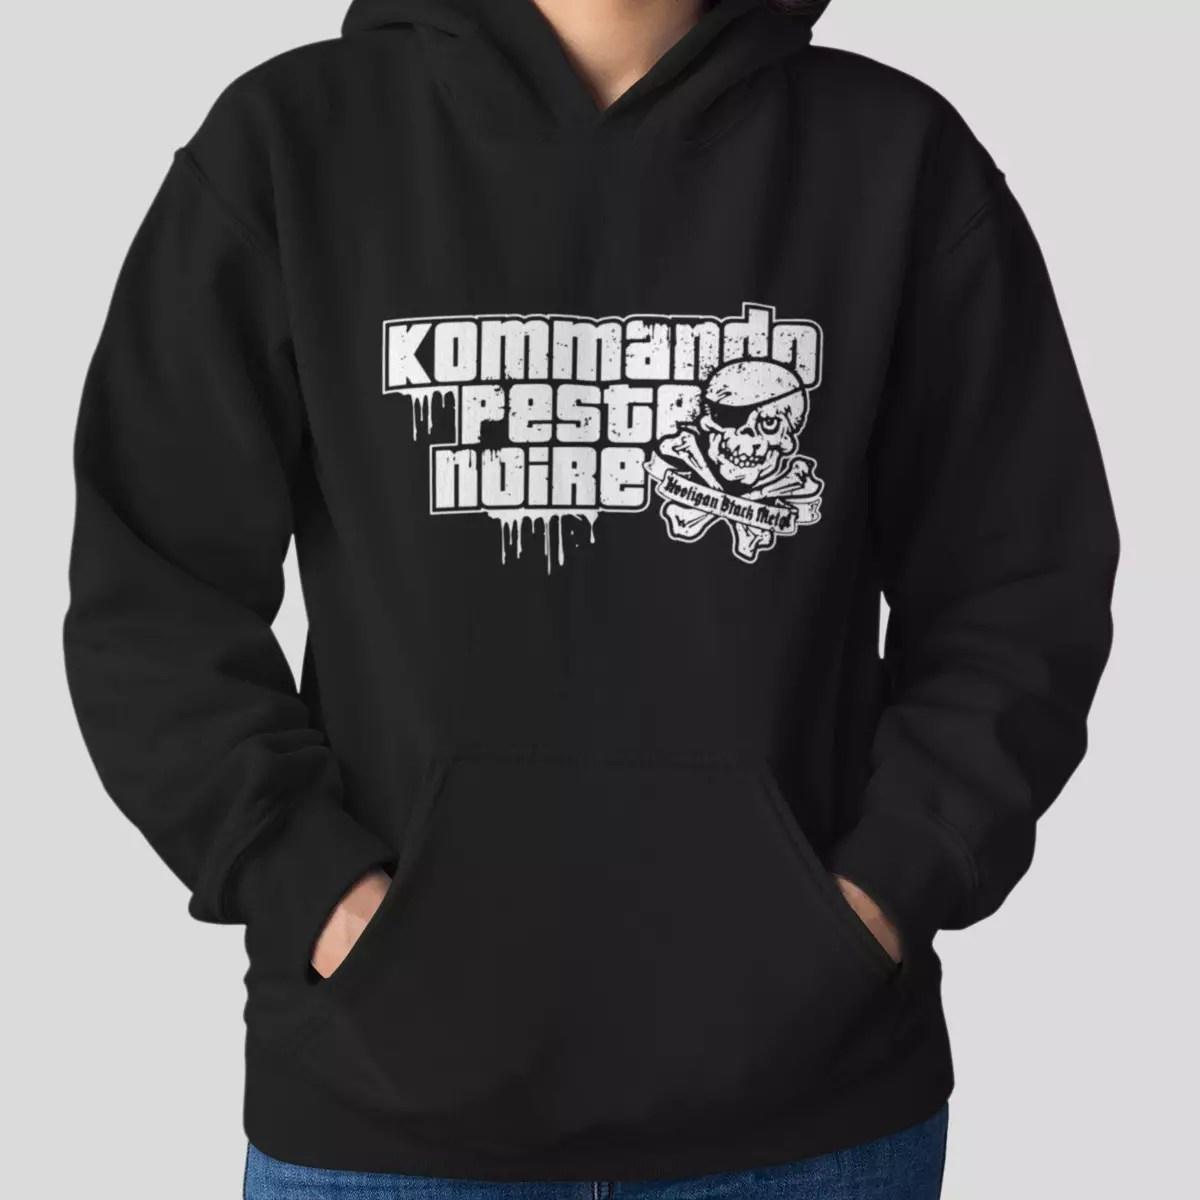 Peste Noire Kommando Hoodie, Black Metal Merch - Metal